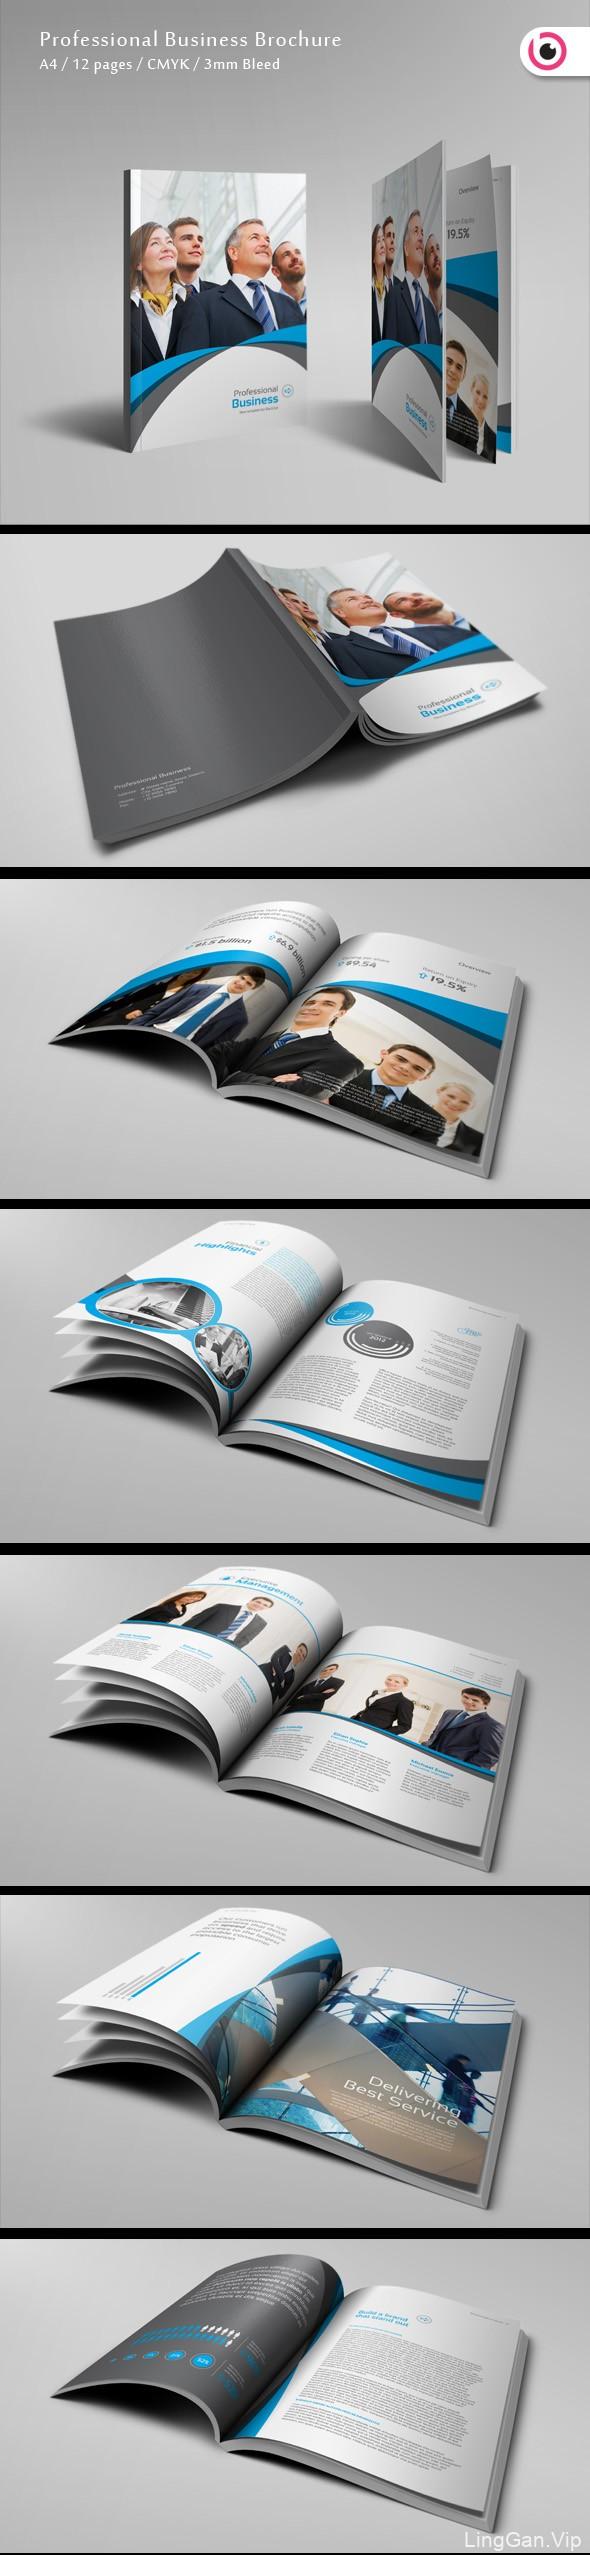 专业商务小册子模板#画册模板